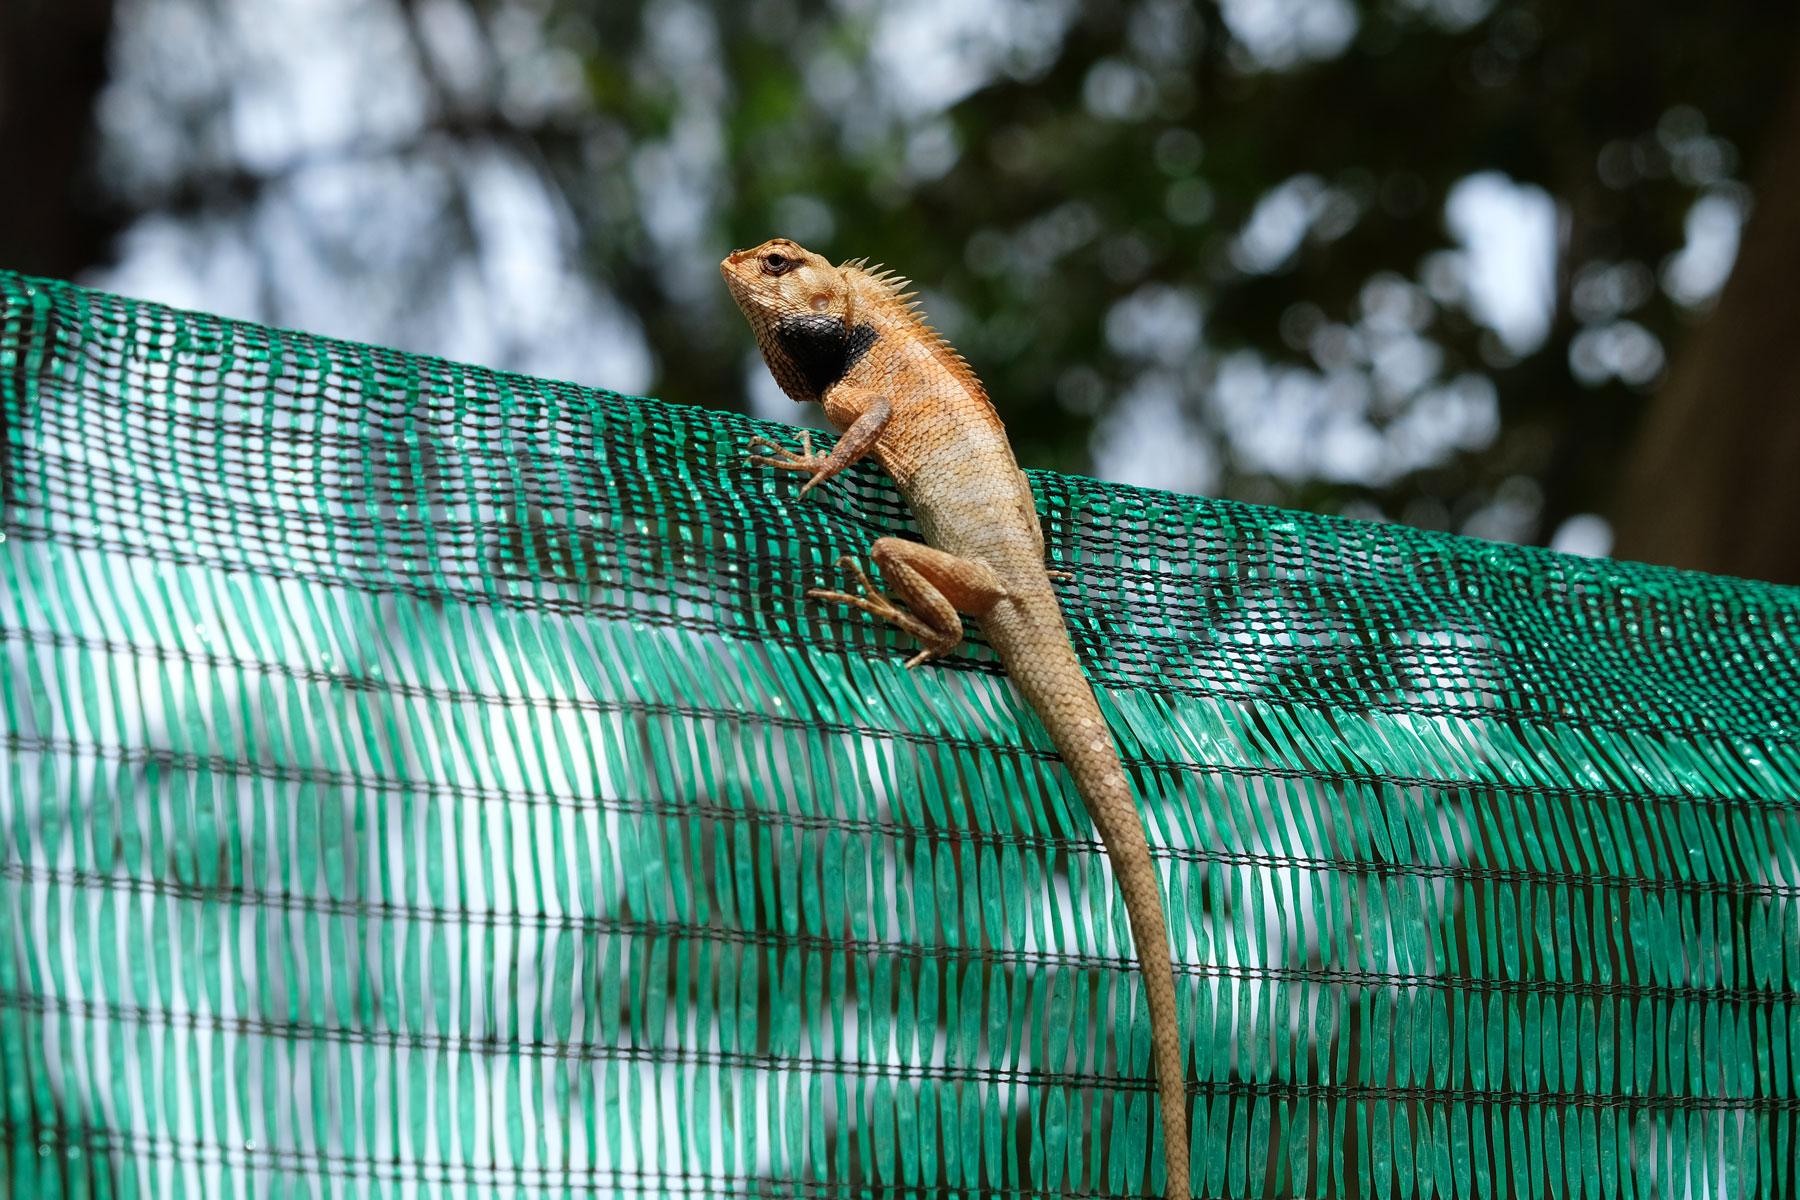 ein Chamäleon sitzt auf einem Zaun